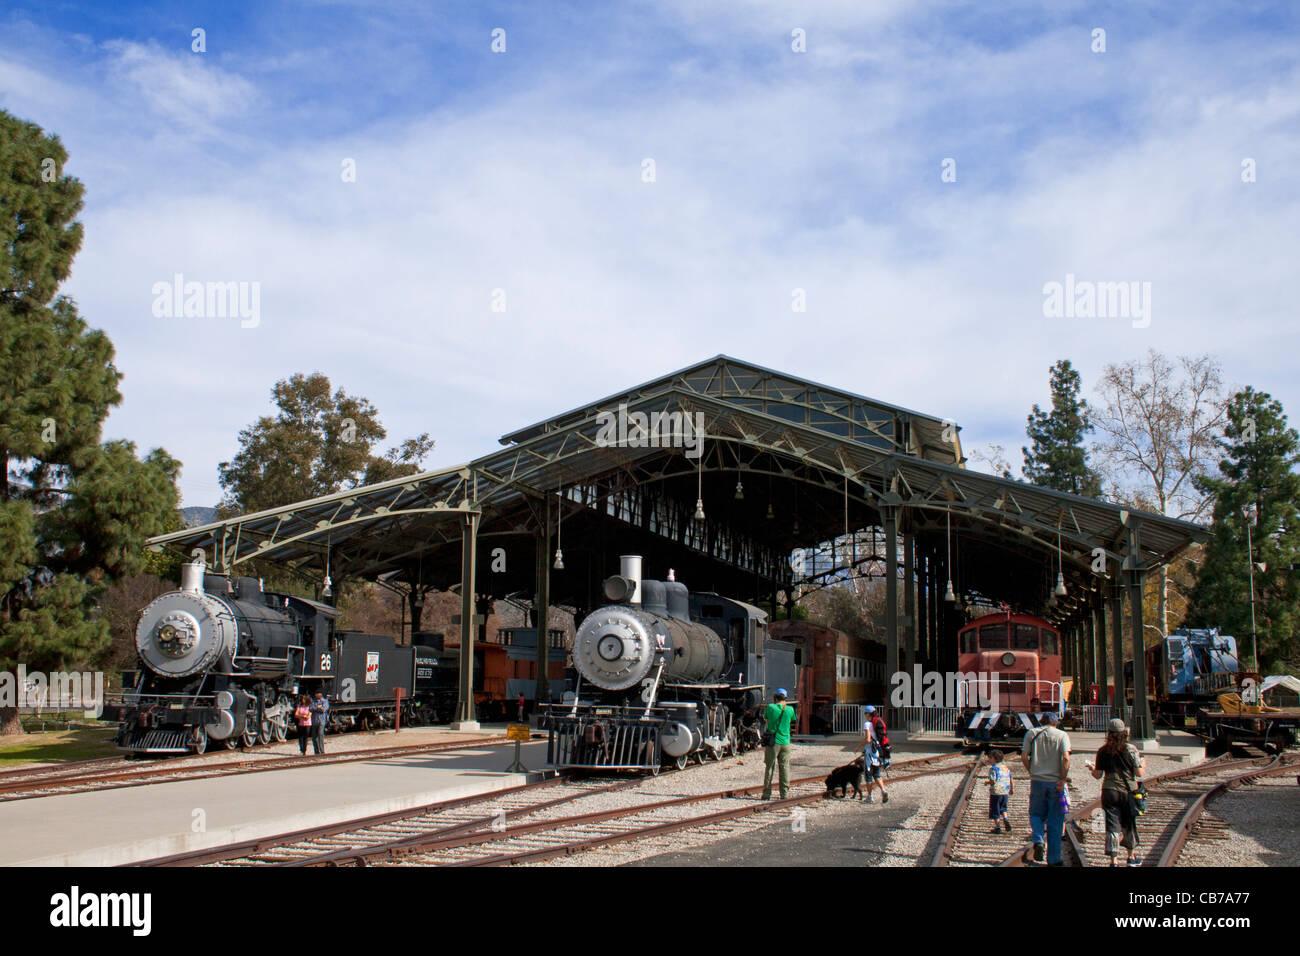 Ville de voyage, Griffith Park, Los Angeles, Californie, USA Photo Stock